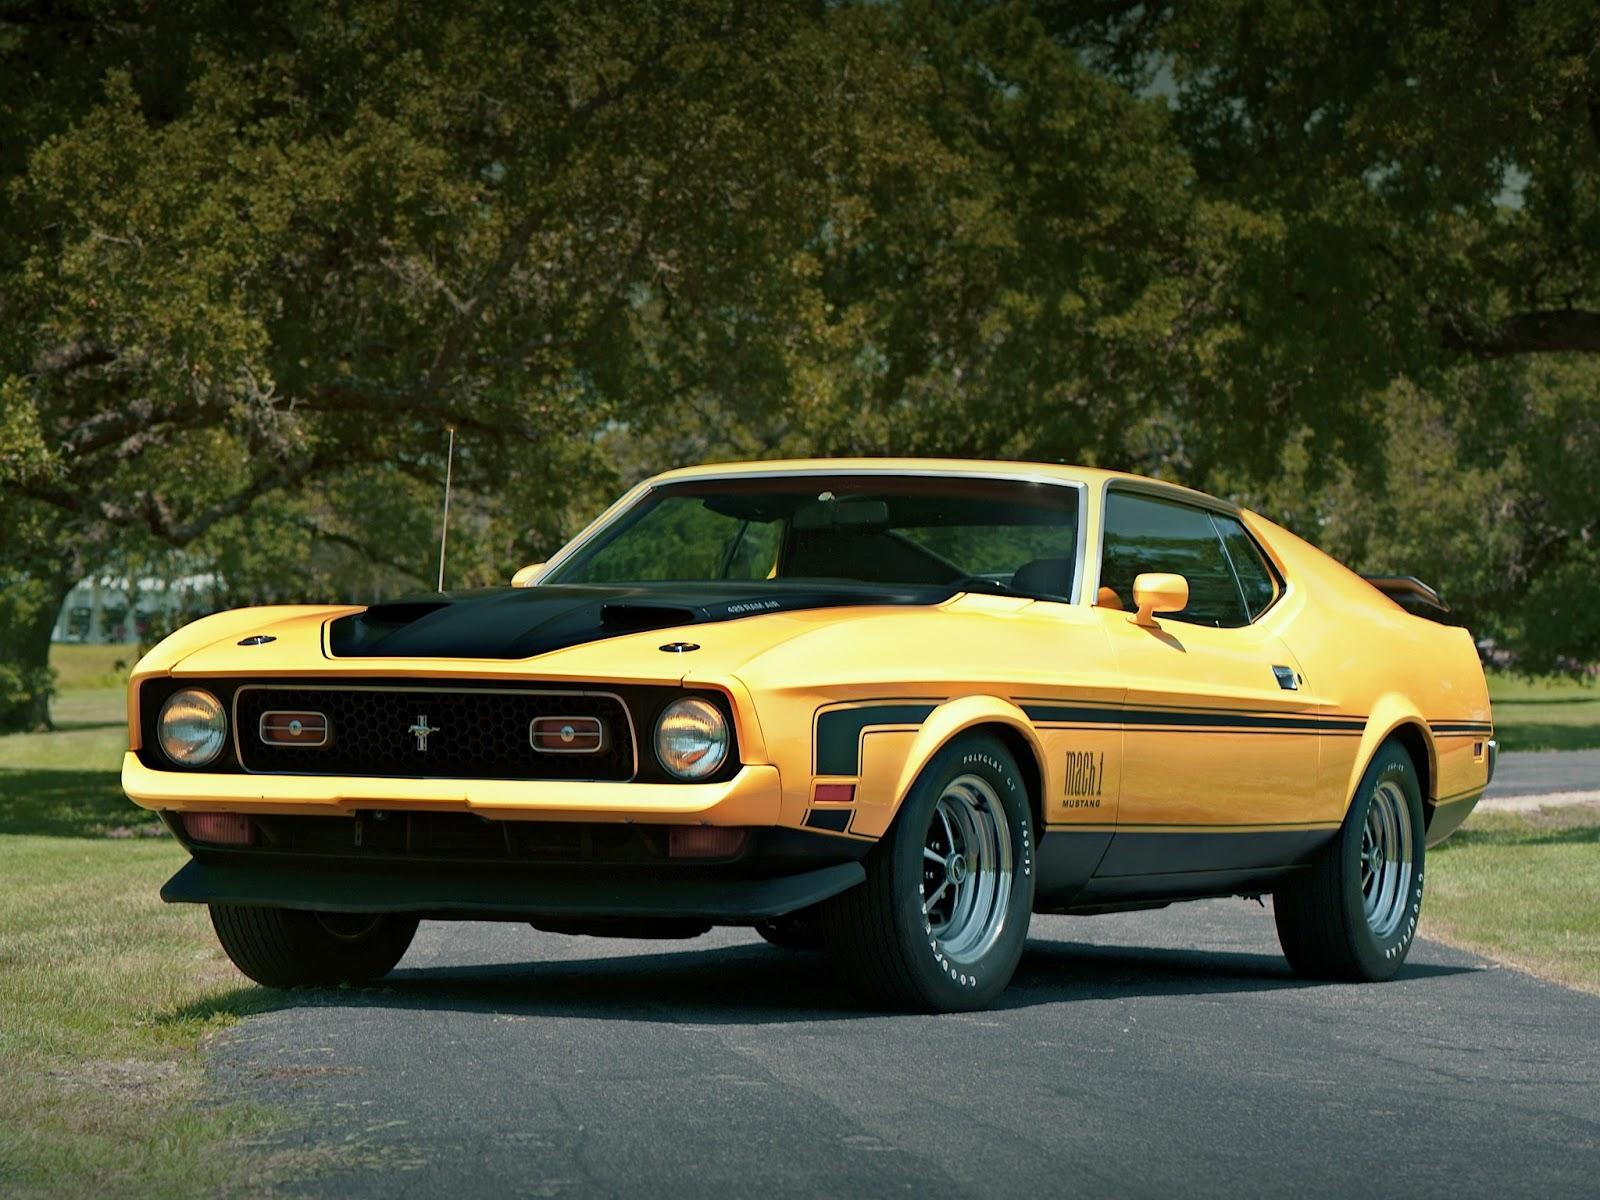 Fab Wheels Digest Fwd Ford Mustang Mach 1 2nd Gen 1971 73 1964 9 7 2 M O D E L S